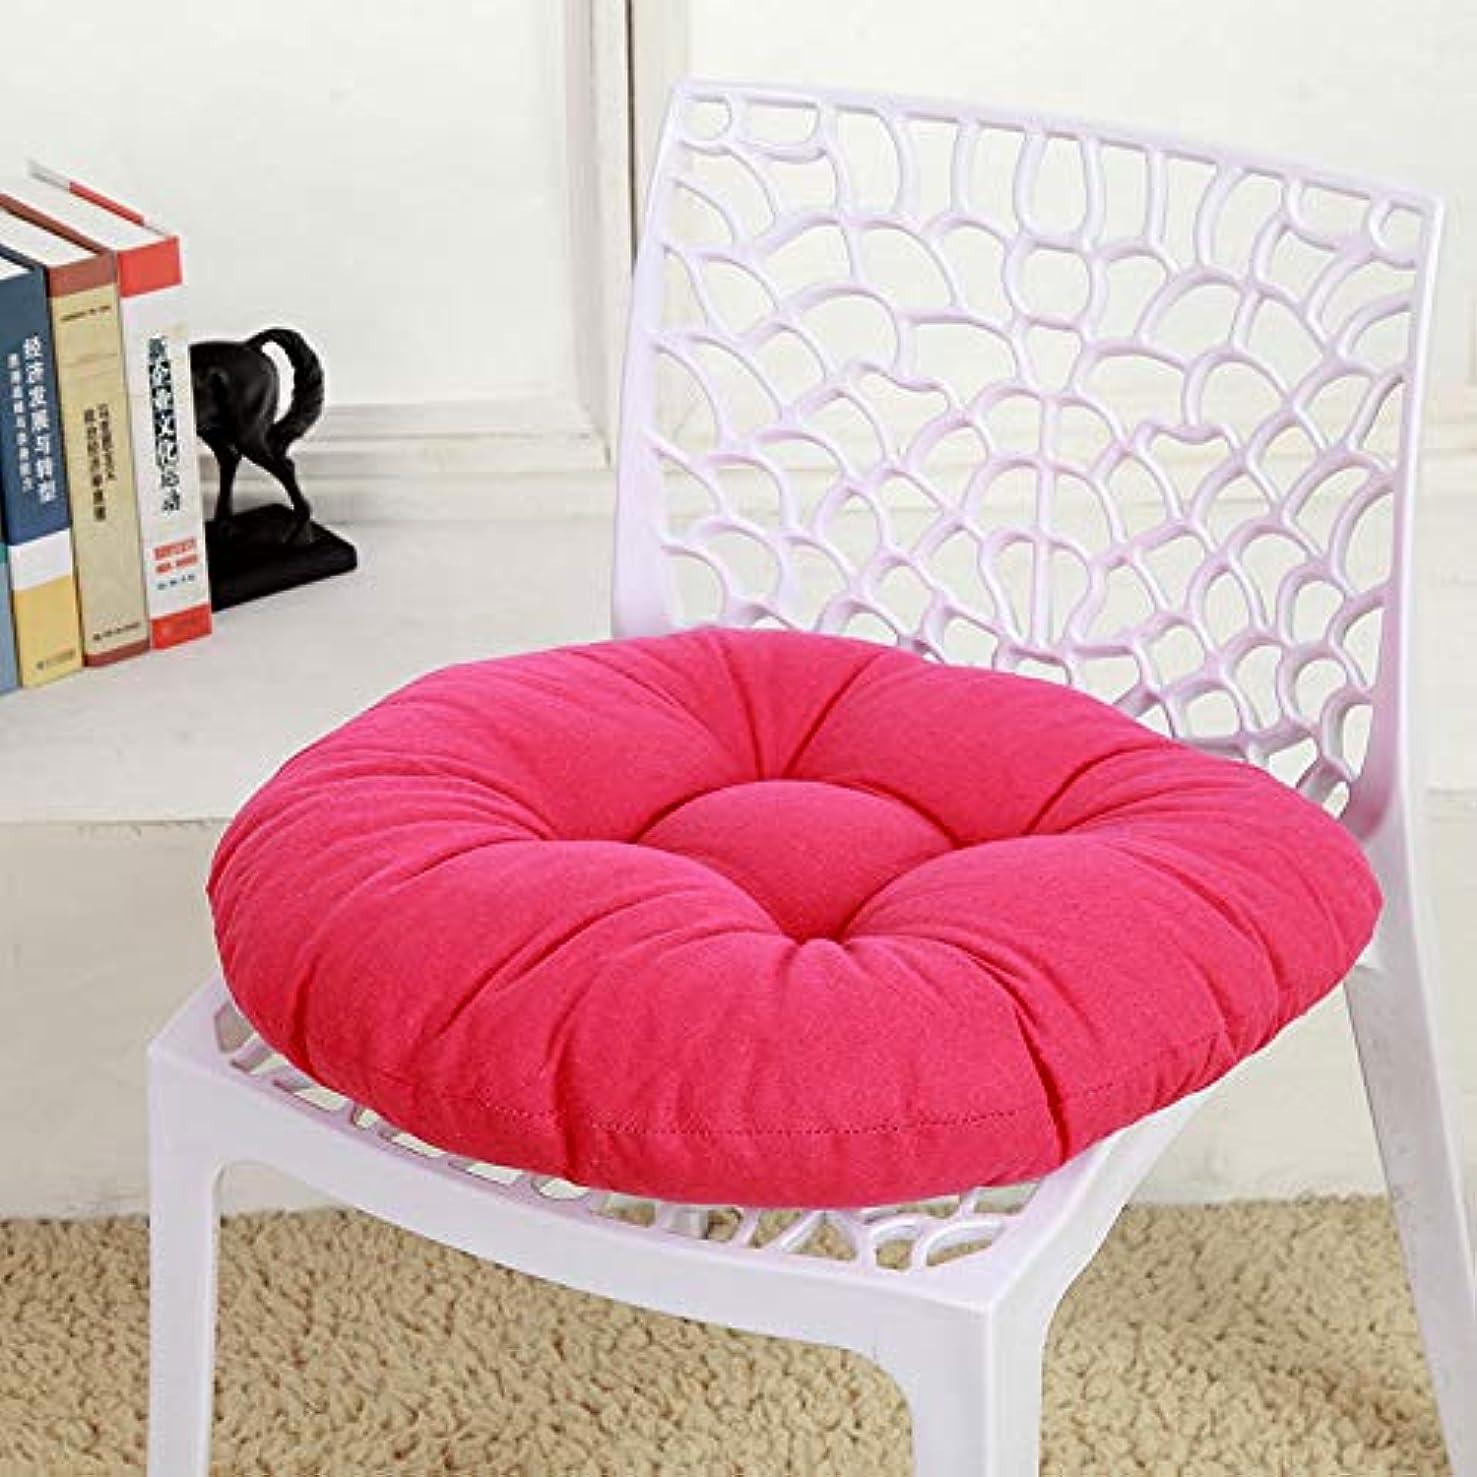 サイレン差別する退院SMART キャンディカラーのクッションラウンドシートクッション波ウィンドウシートクッションクッション家の装飾パッドラウンド枕シート枕椅子座る枕 クッション 椅子